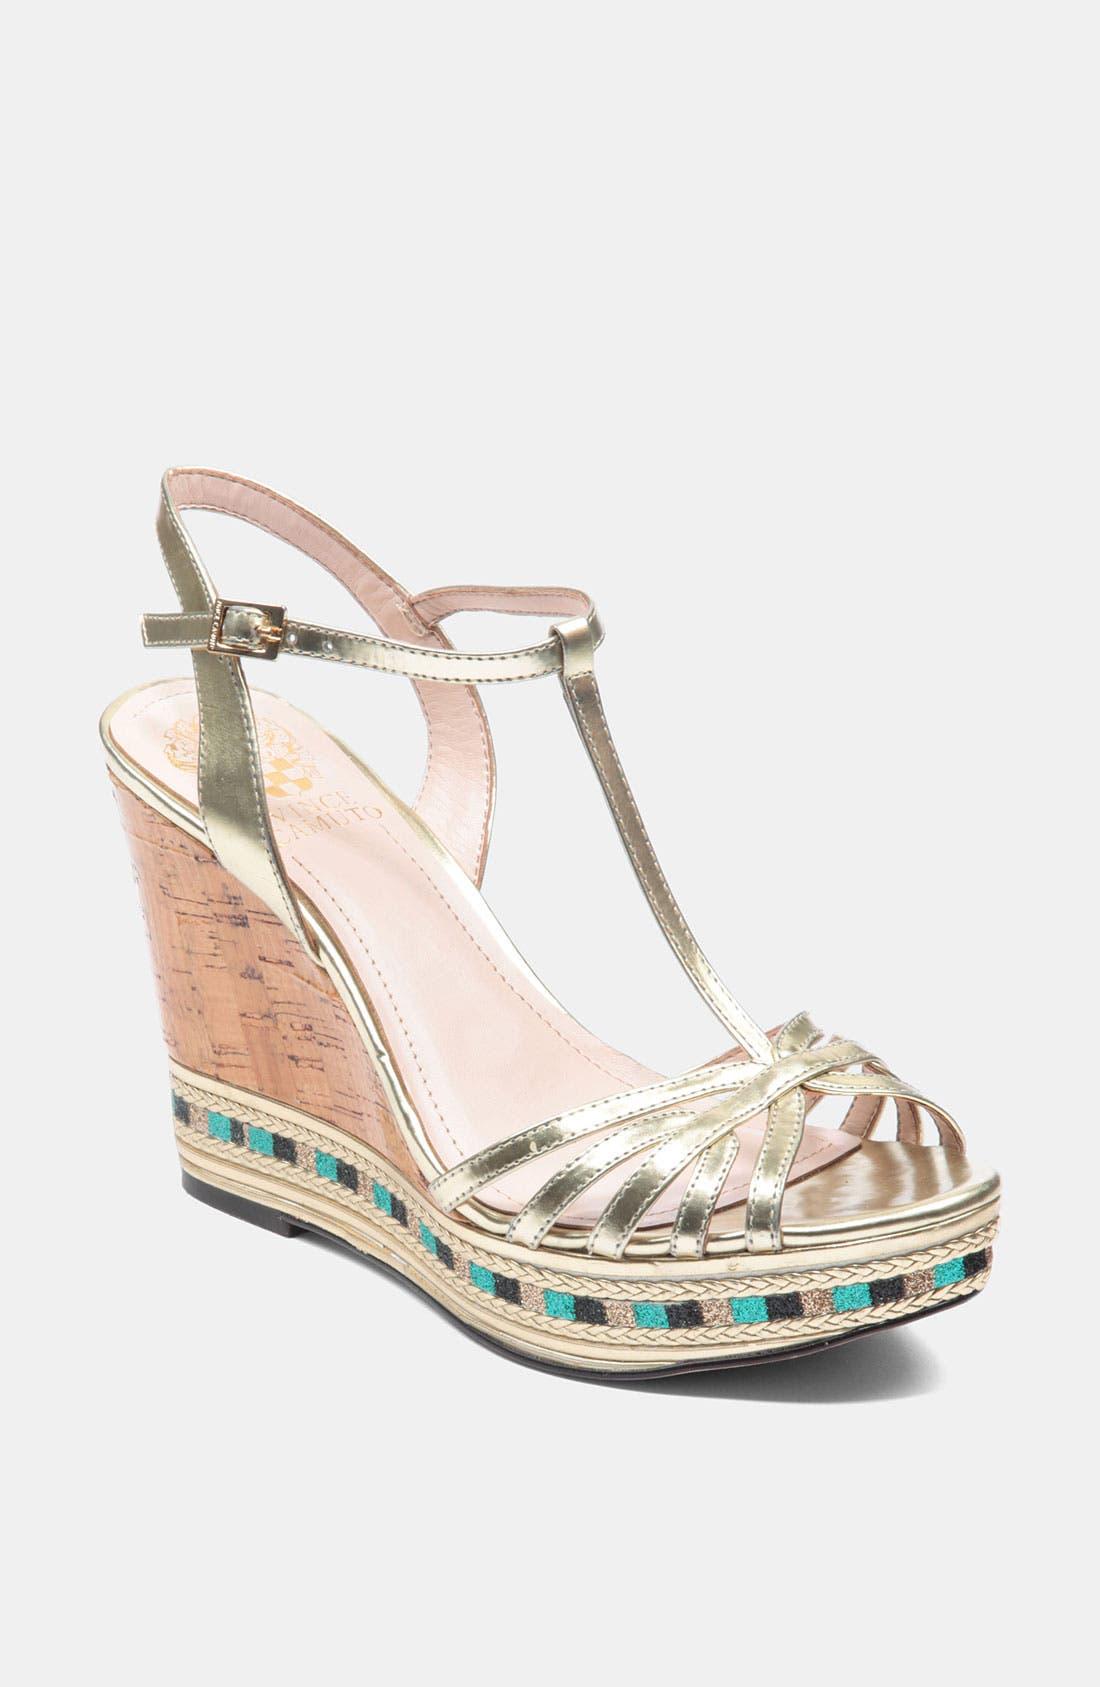 Alternate Image 1 Selected - Vince Camuto 'Tasha' Sandal